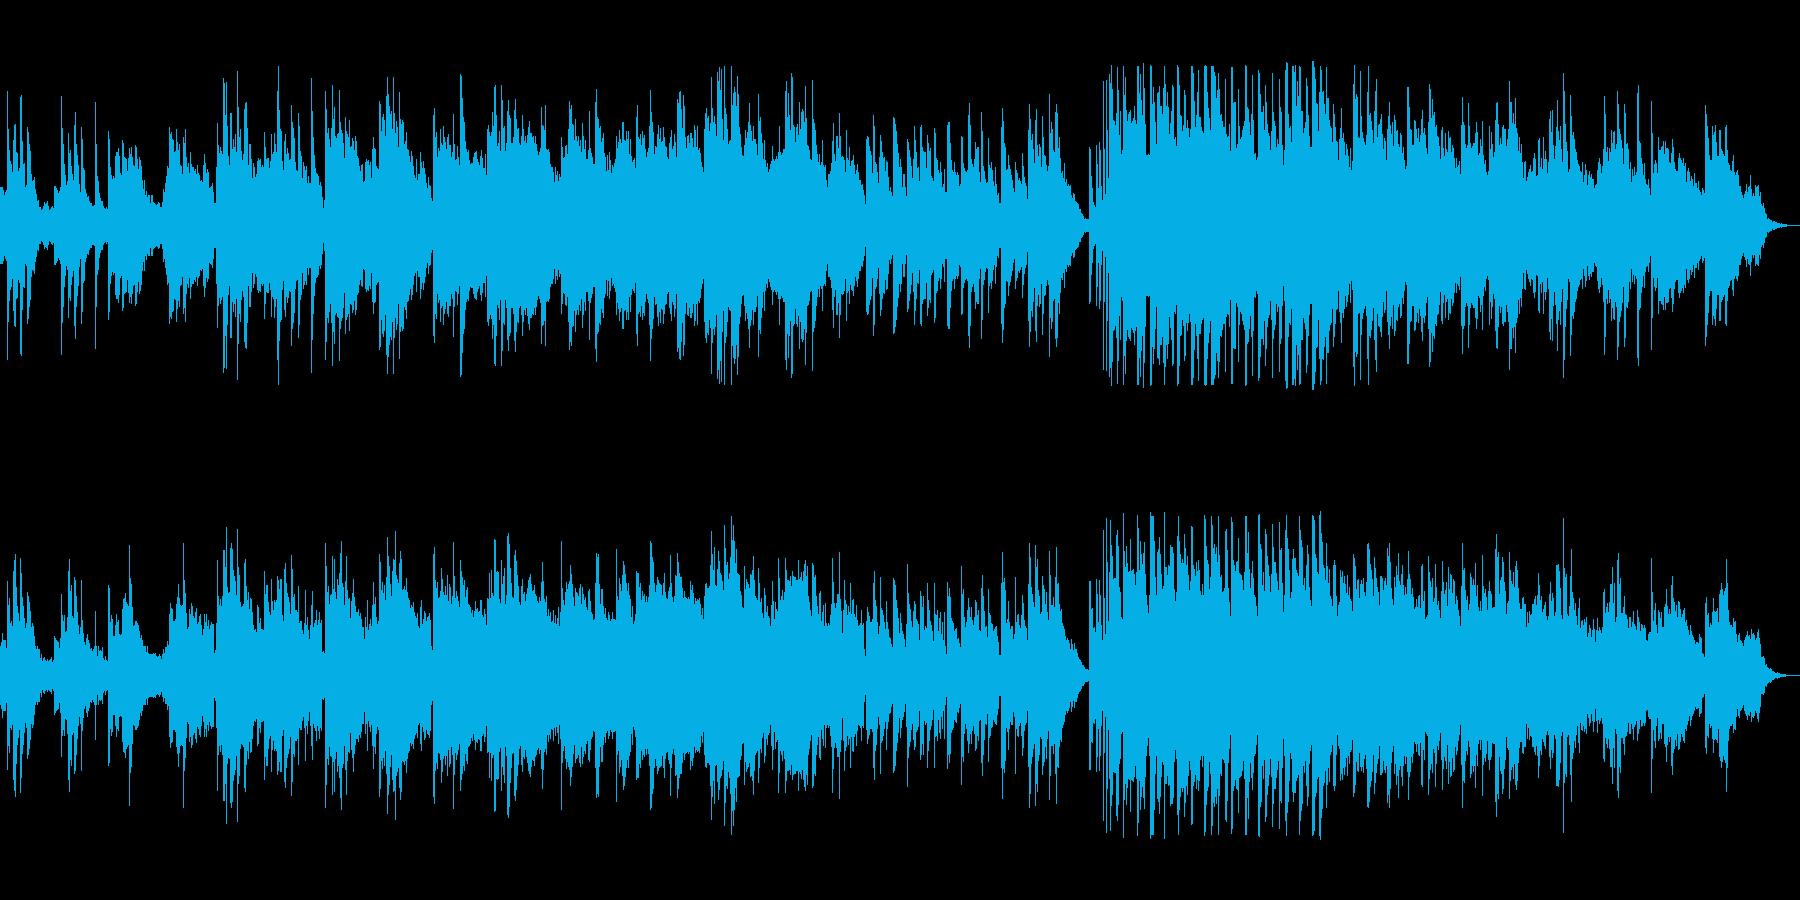 シンセのみずみずしさが生きるポップスの再生済みの波形